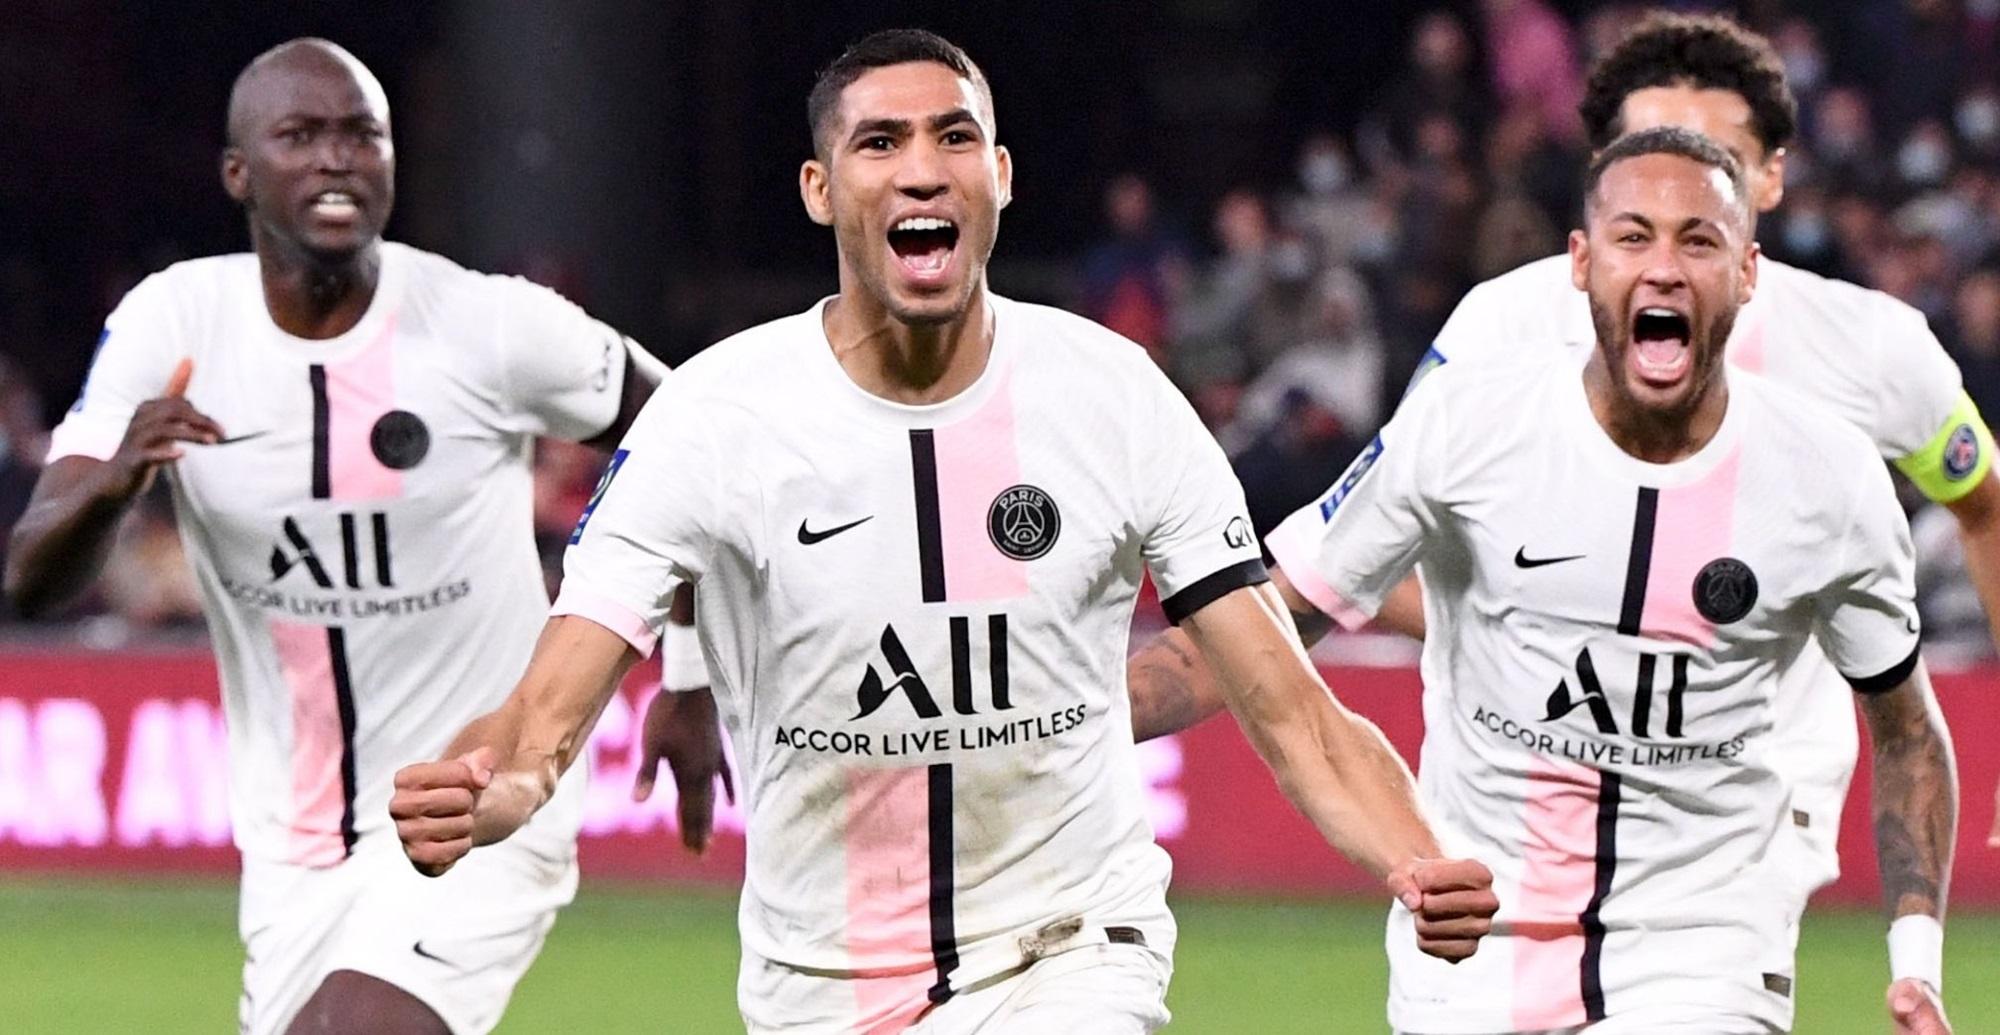 Đội hình tiêu biểu vòng 7 Ligue 1: Cơn lốc cánh phải, đại thắng 6-0 - Bóng Đá